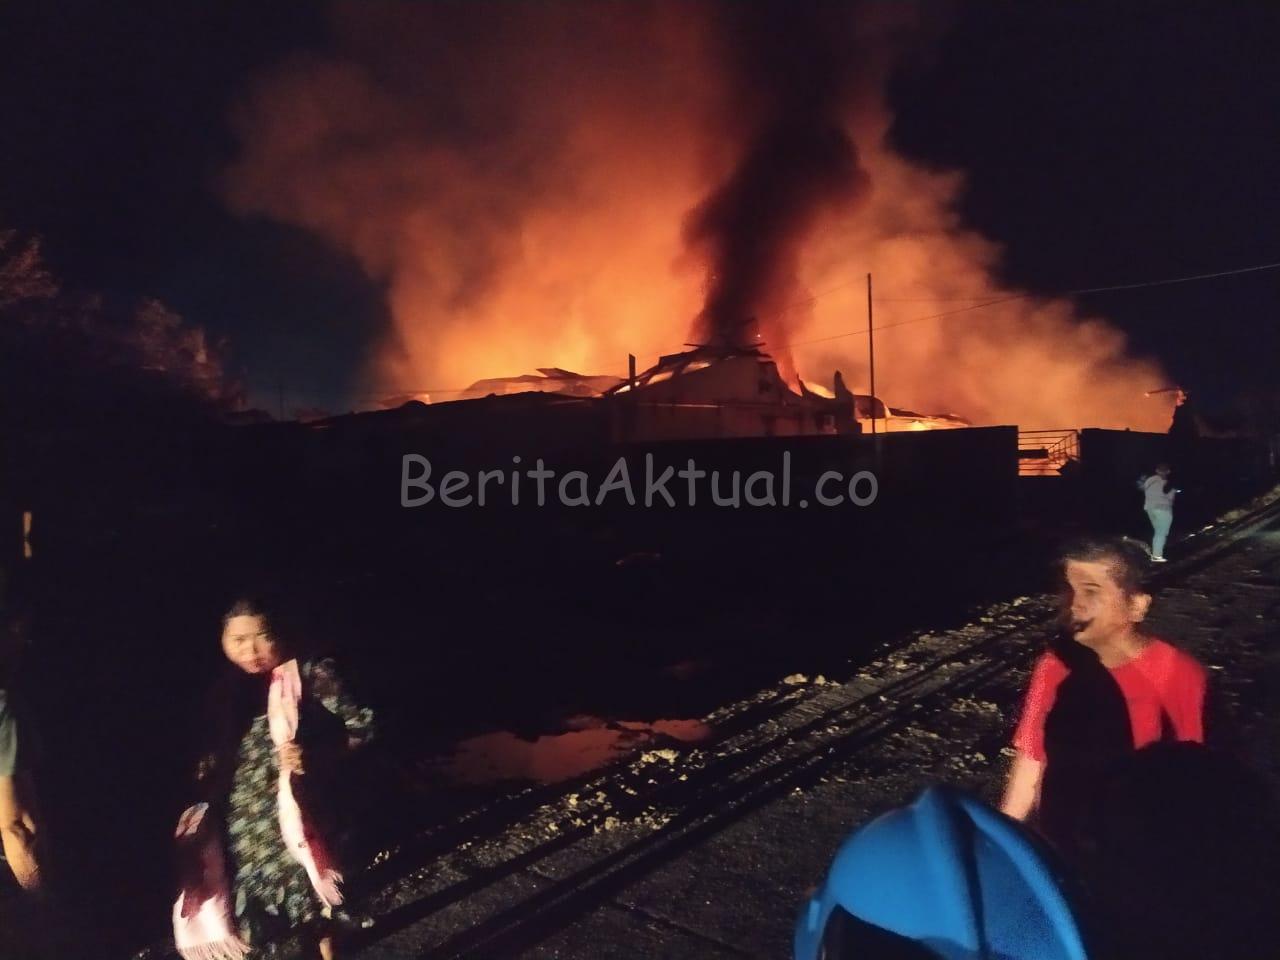 Pabrik Kasur di Kota Sorong Hangus Terbakar, Butuh 3 Jam Api Baru Bisa Dipadamkan 1 IMG 20200615 WA0003